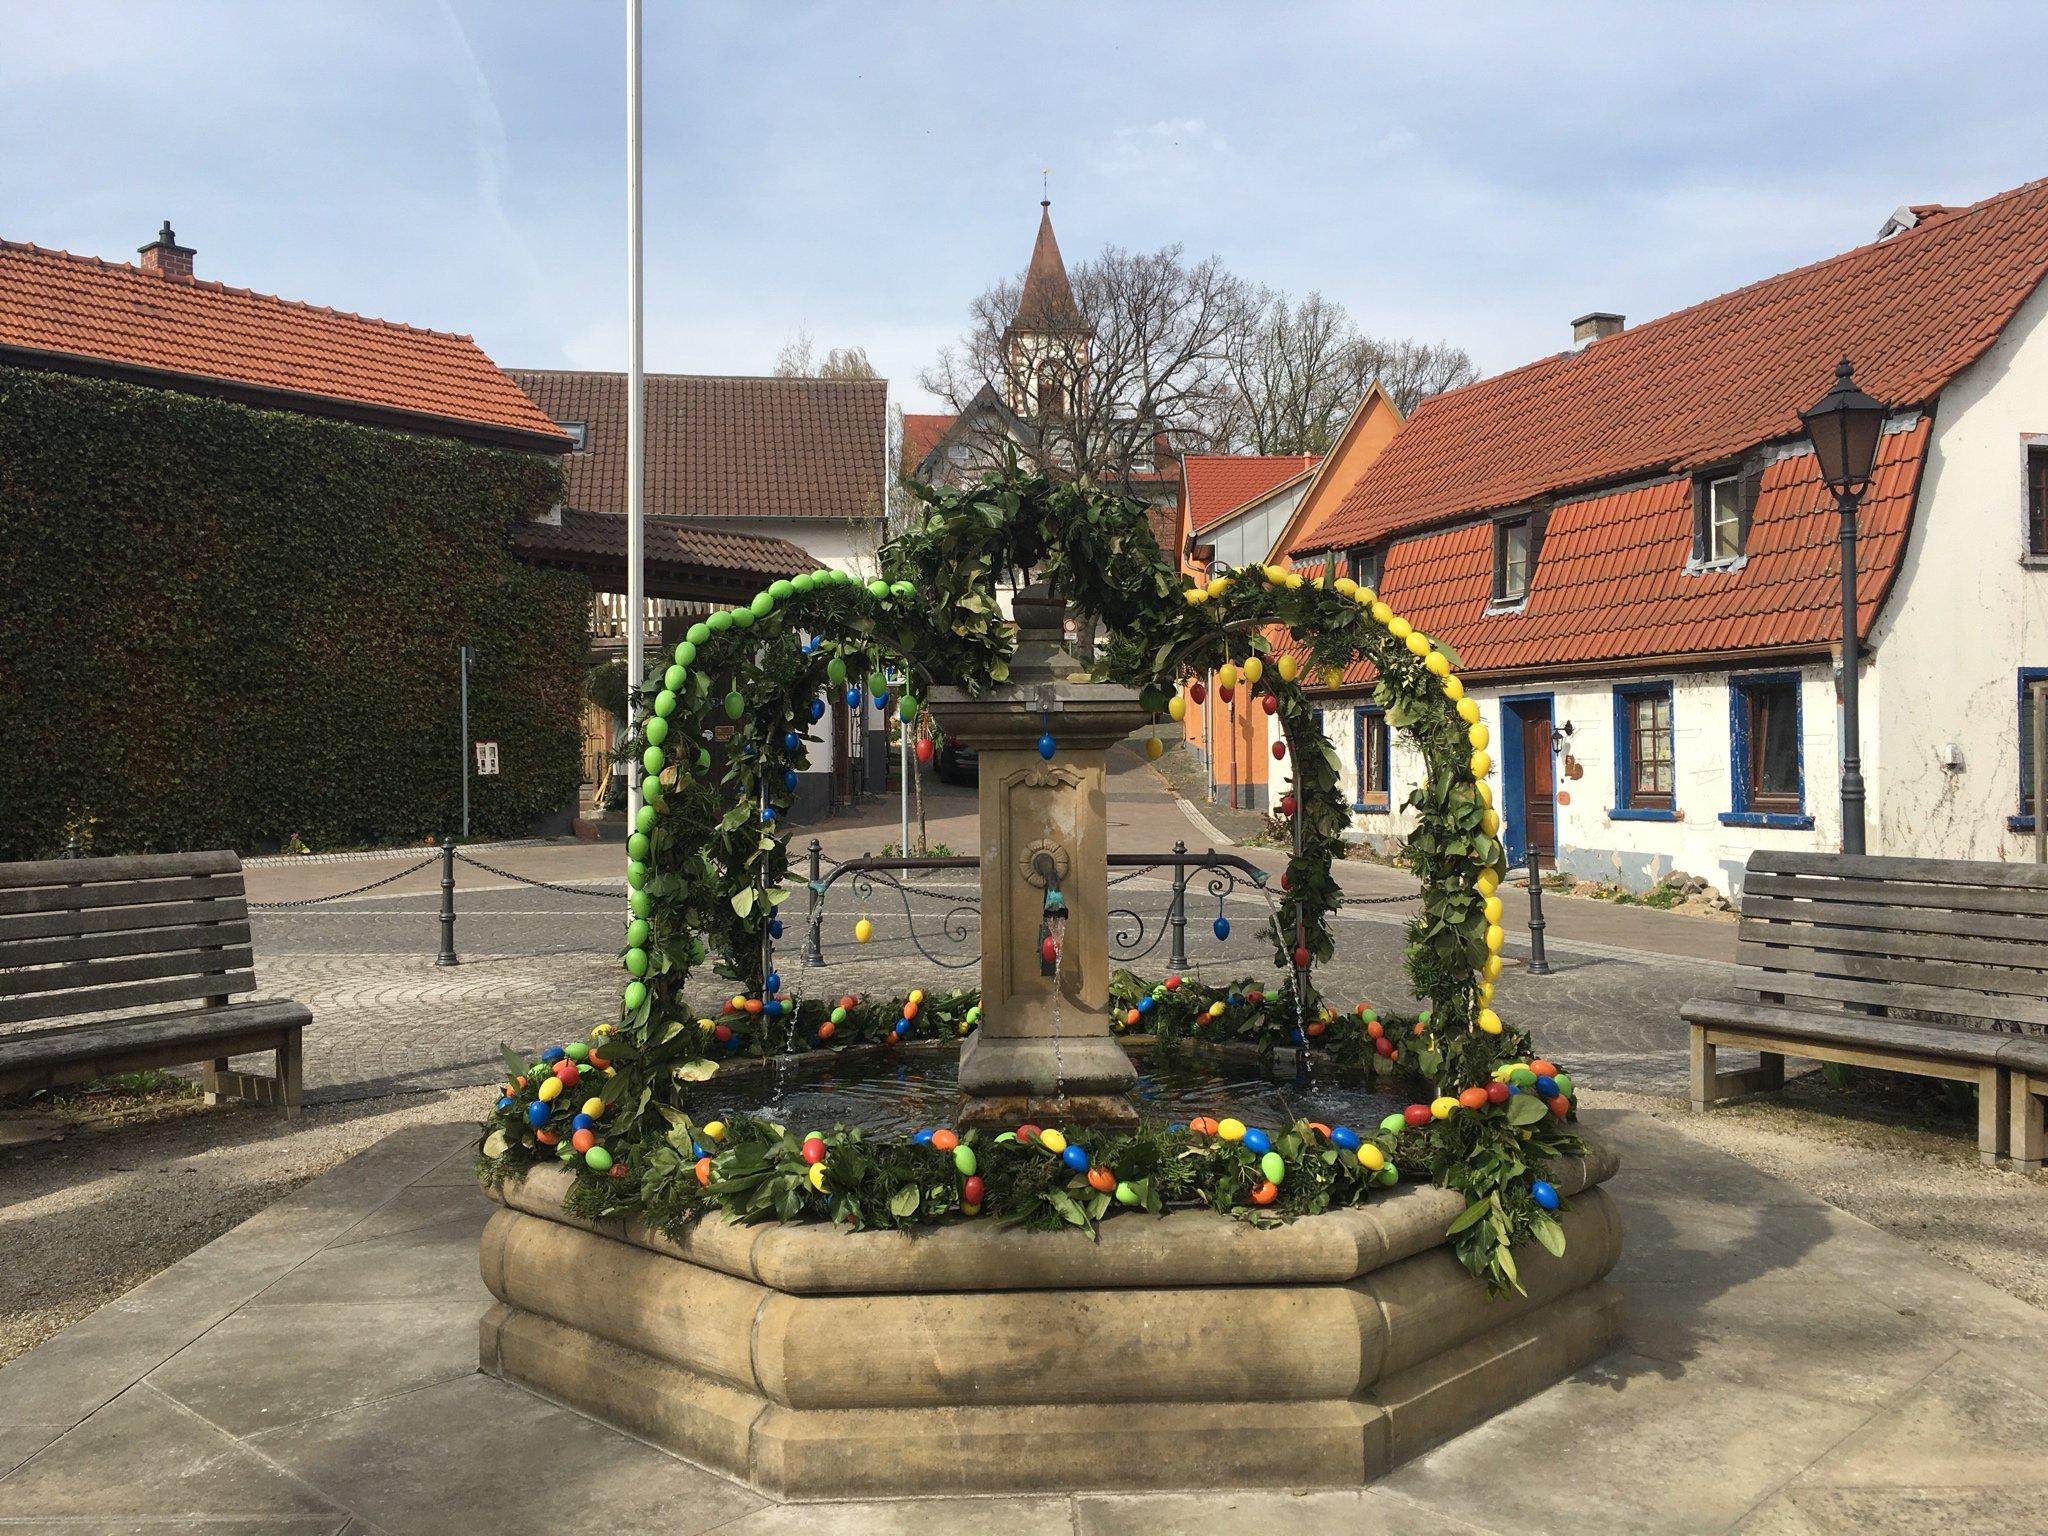 Angekommen in Nieder-Flörsheim zum #vcrhh17 Vinocamp https://t.co/TCuJ4o4d7T